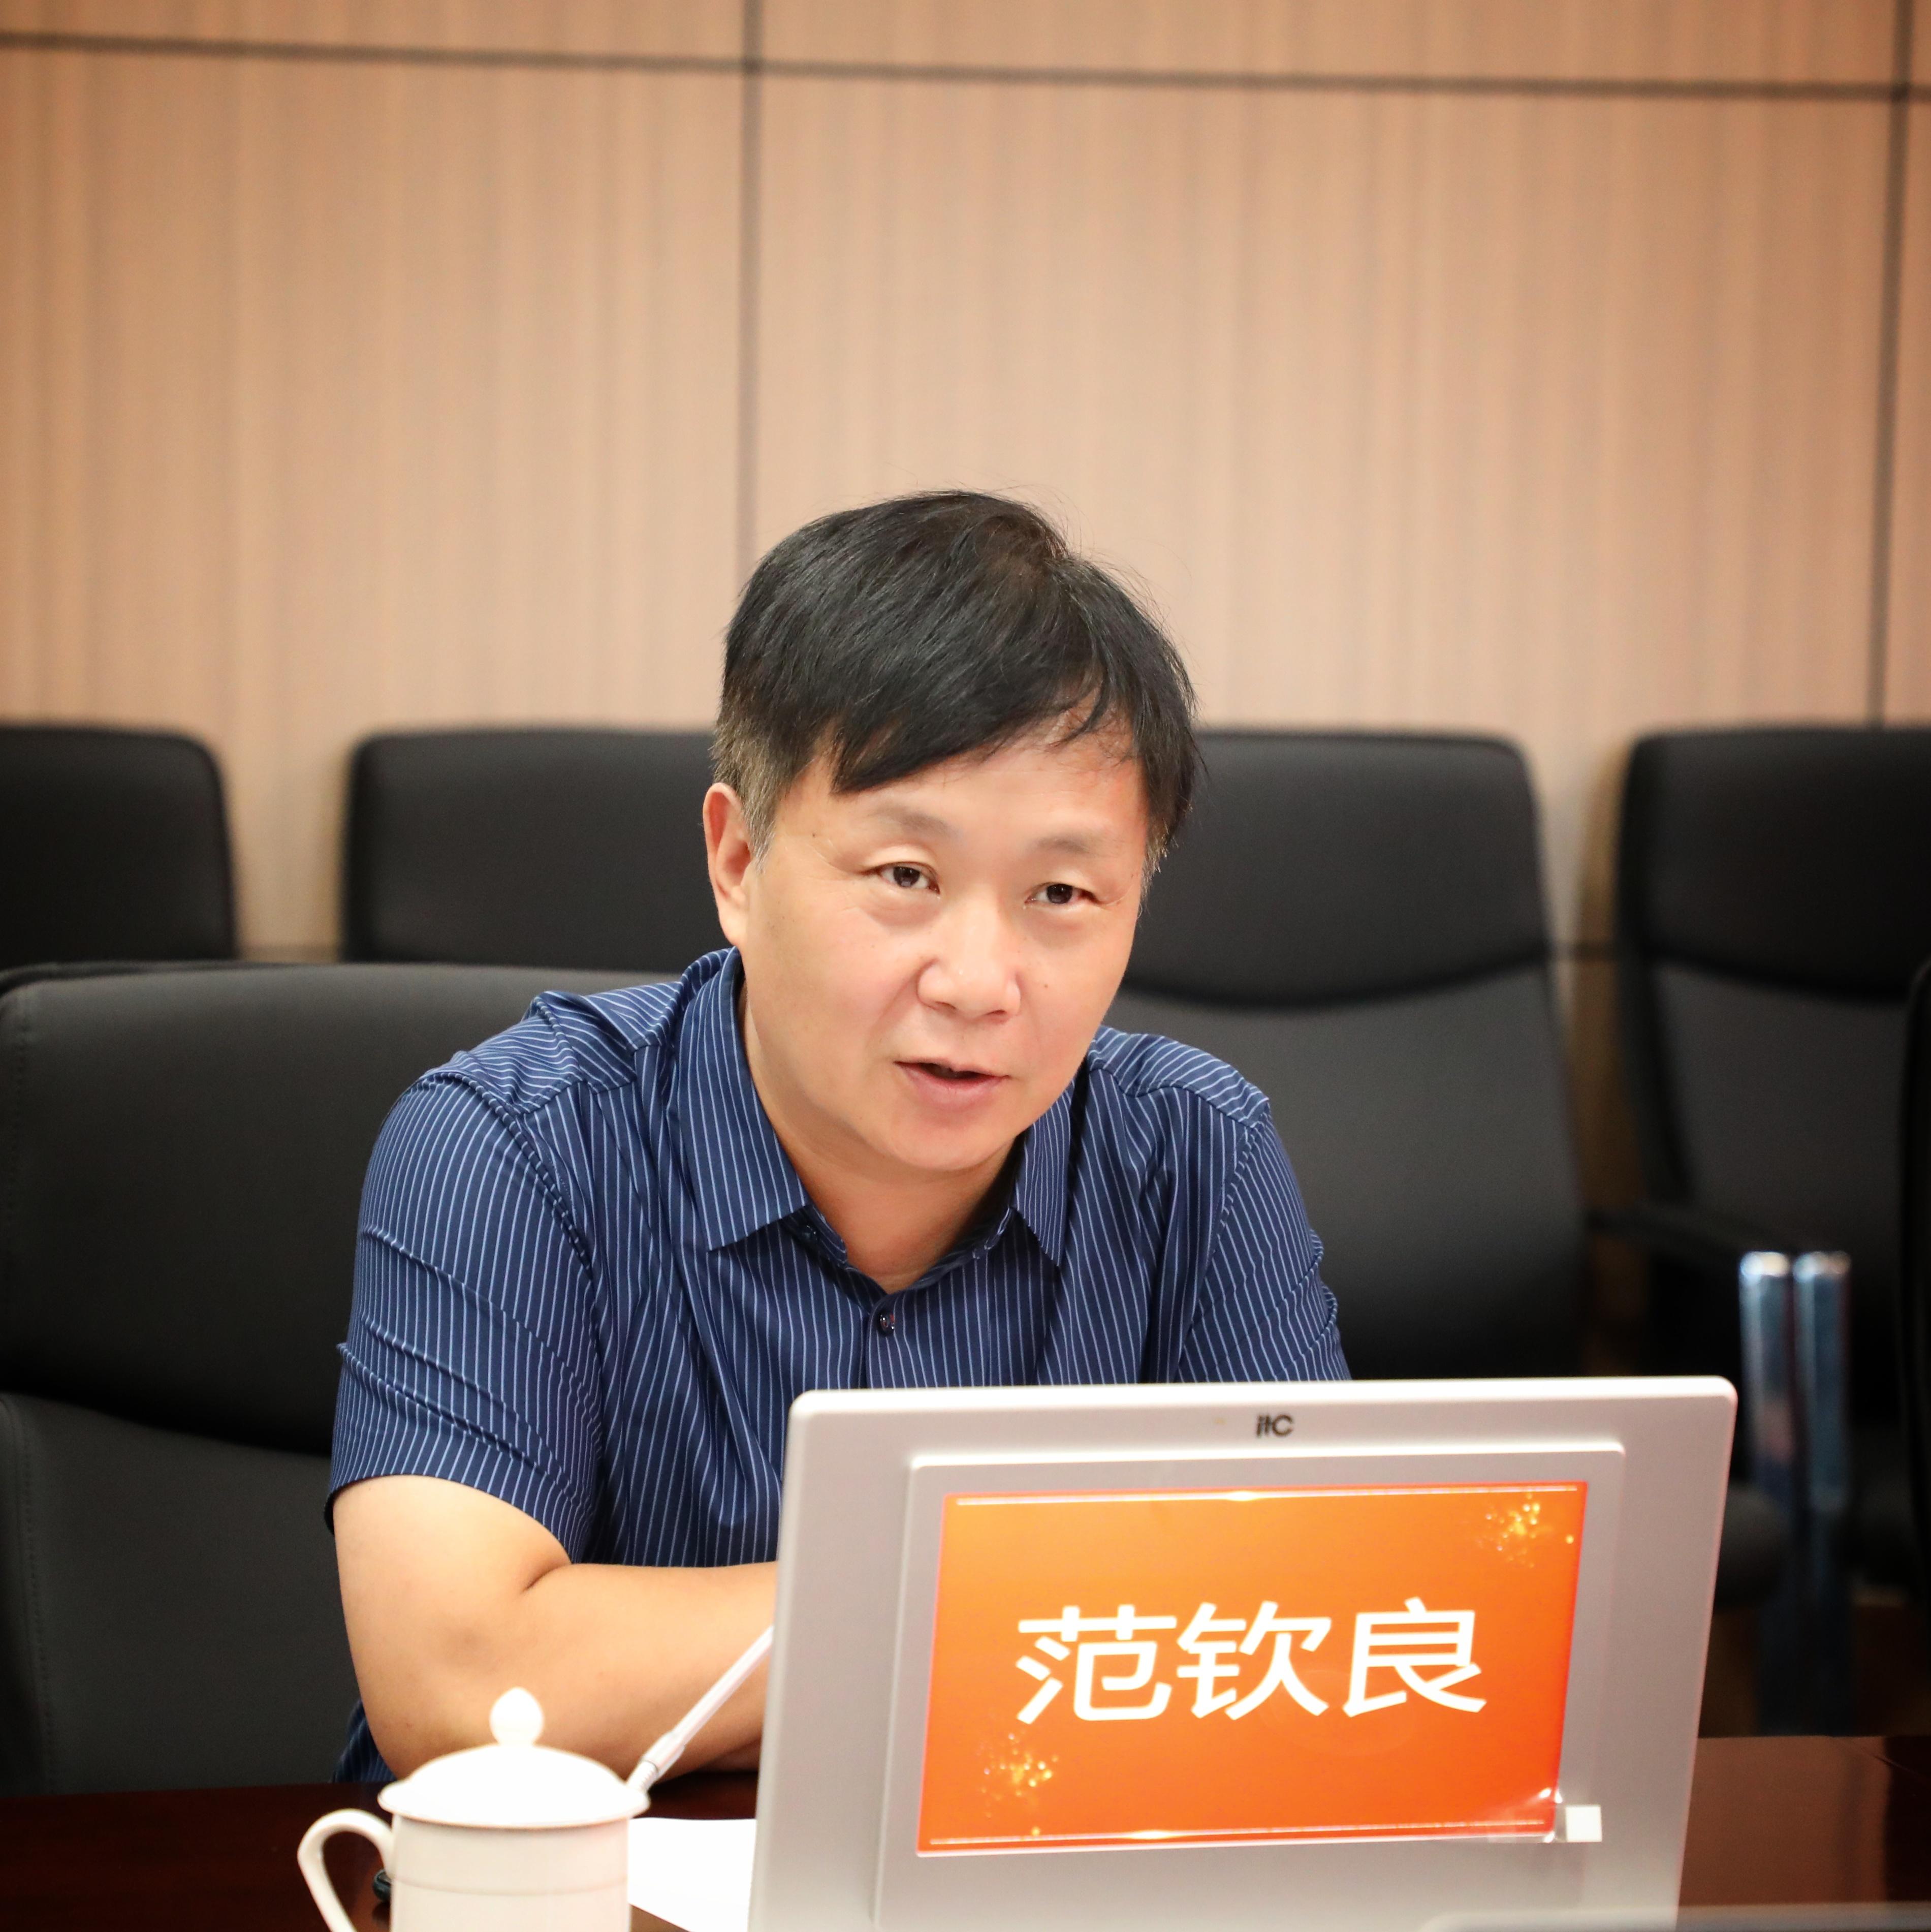 城投公司與北京德華盛合作辦學順利簽約